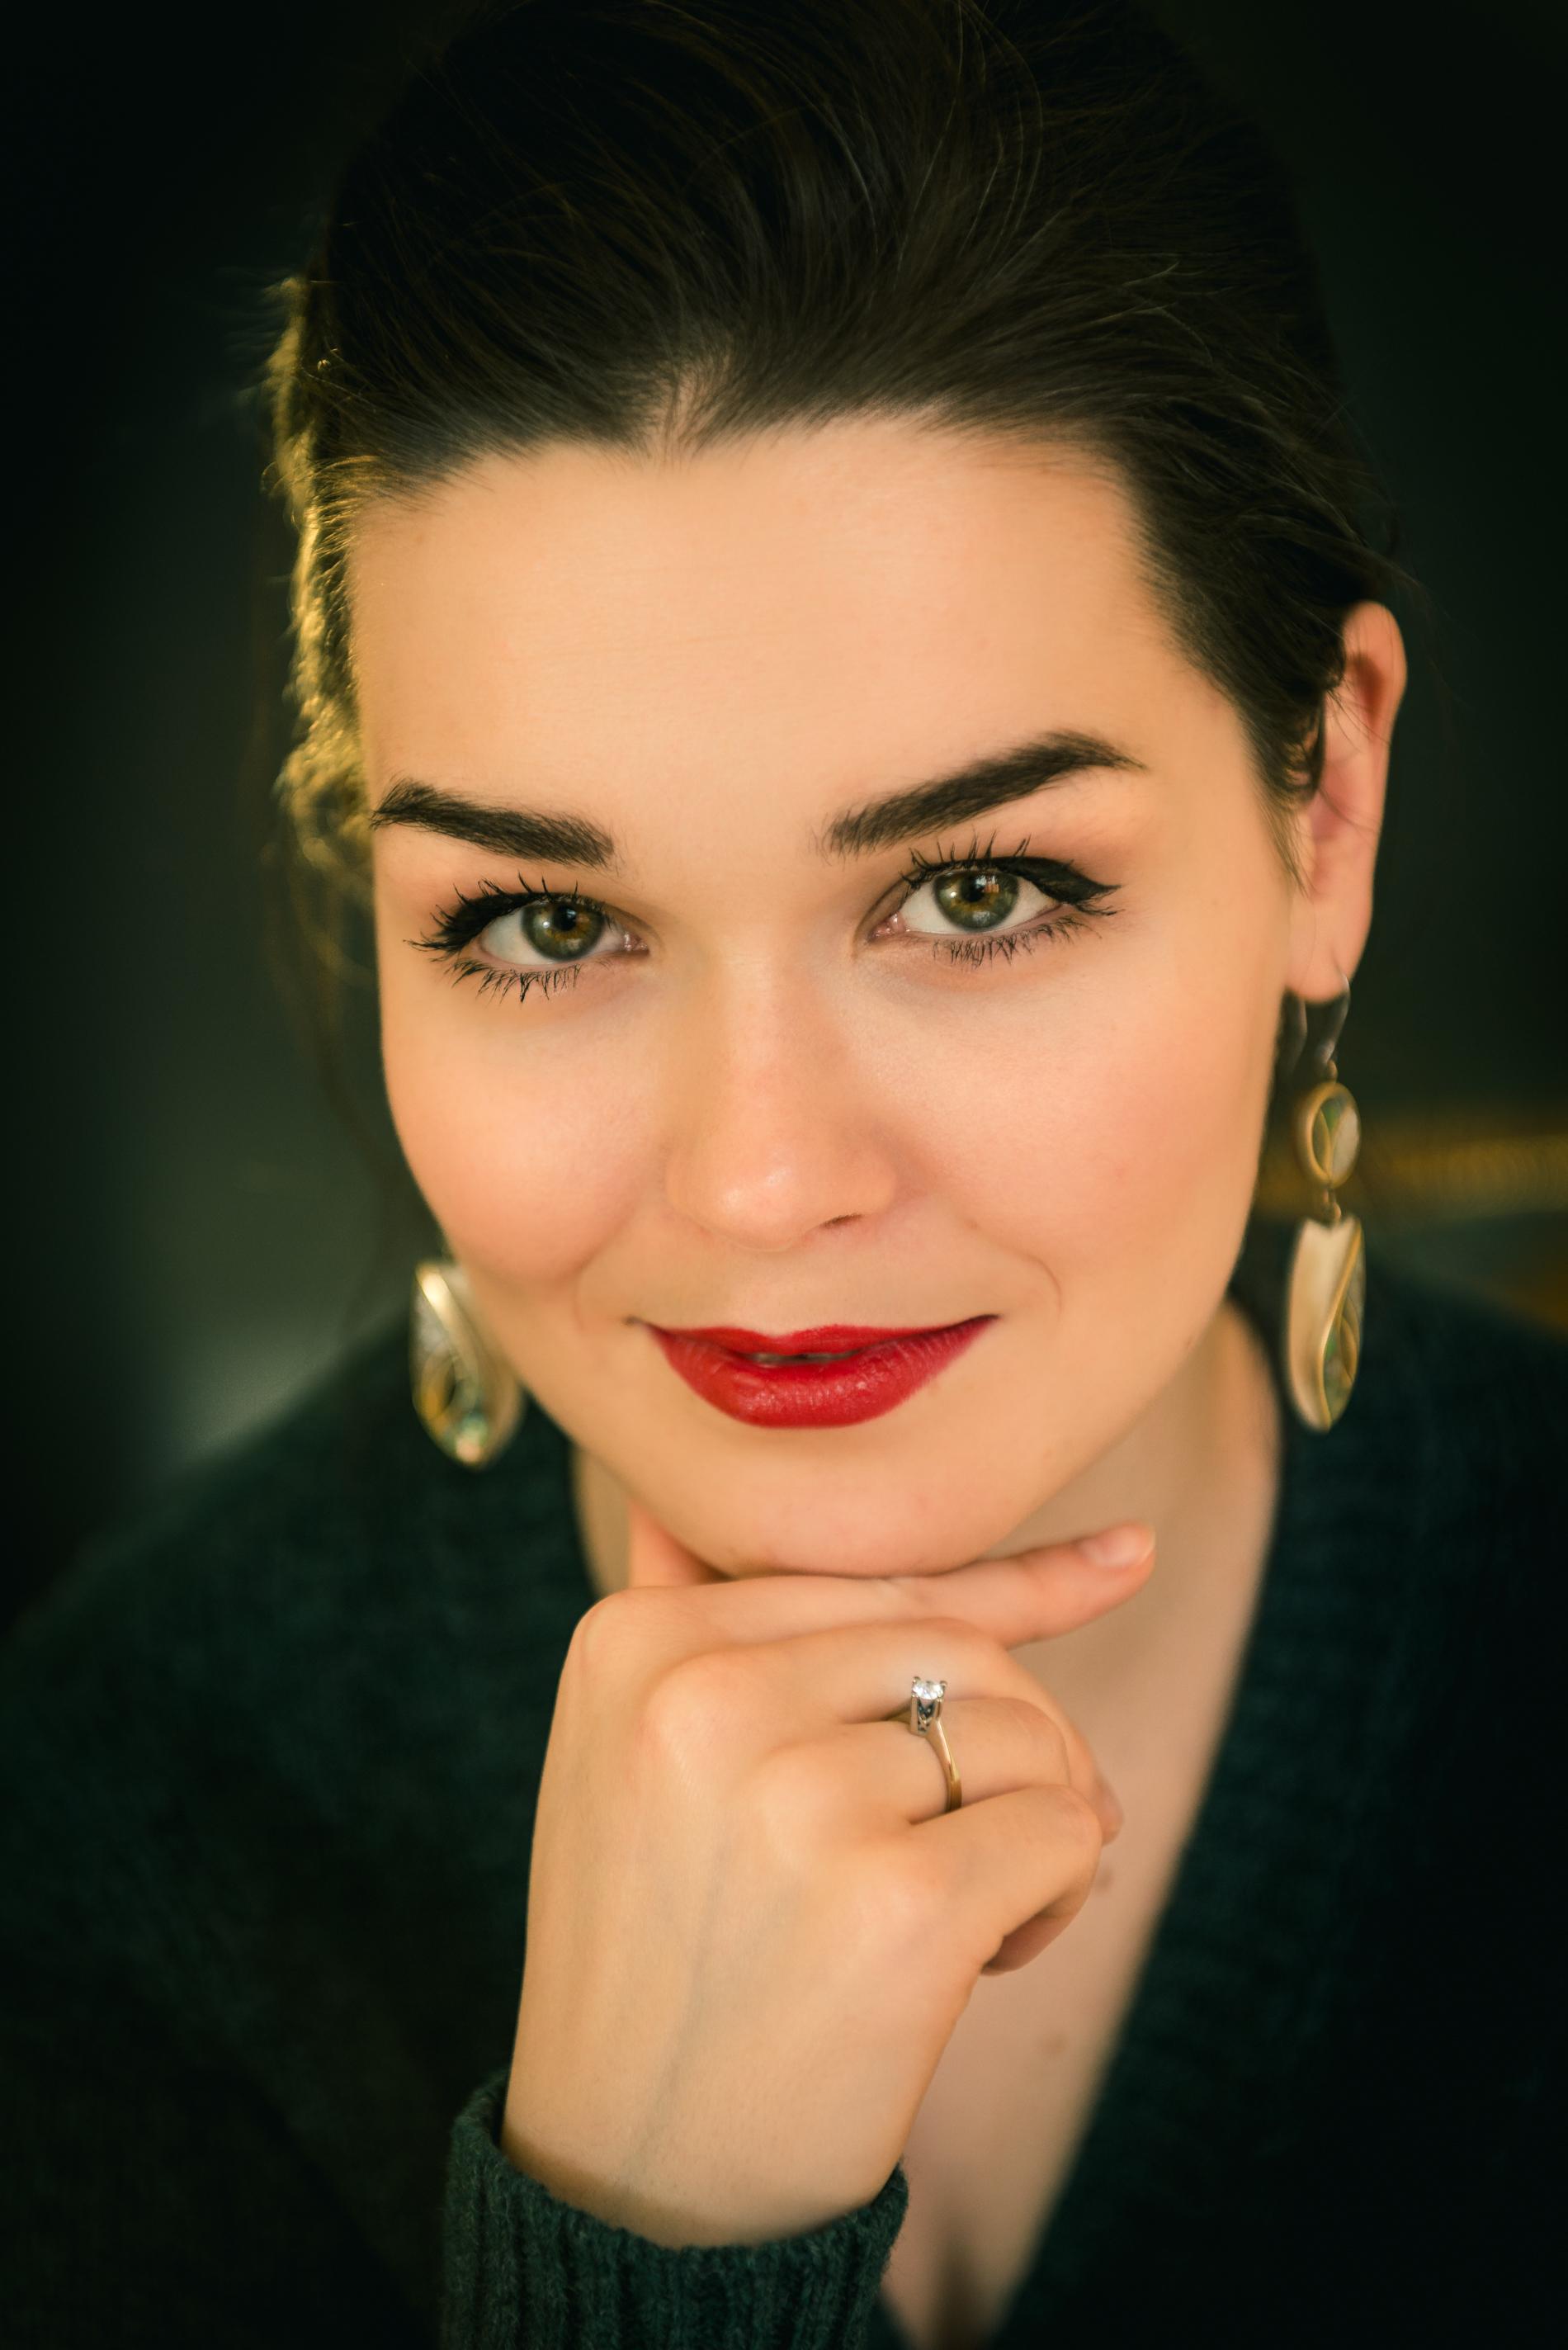 Maria Chabounia